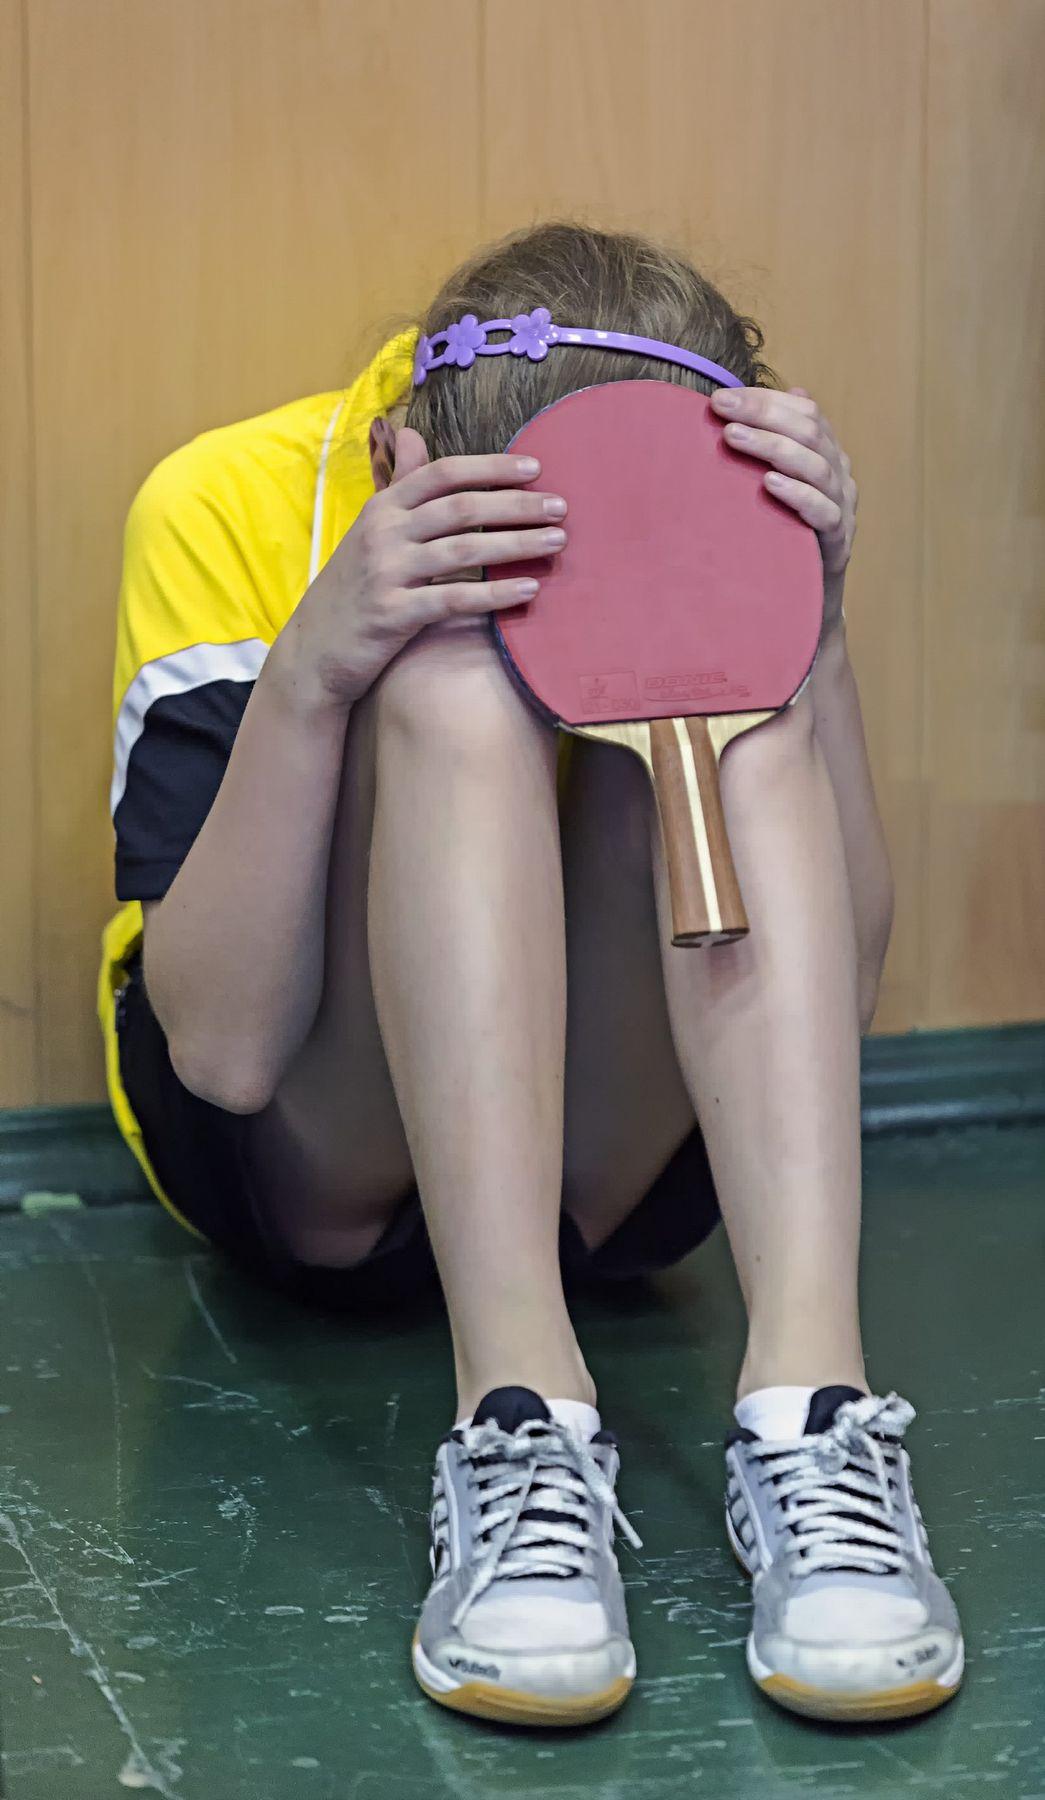 """""""Горе горькое по свету шлялося..."""" (c) настольный теннис пинг-понг спорт table tennis ping-pong sport girl"""